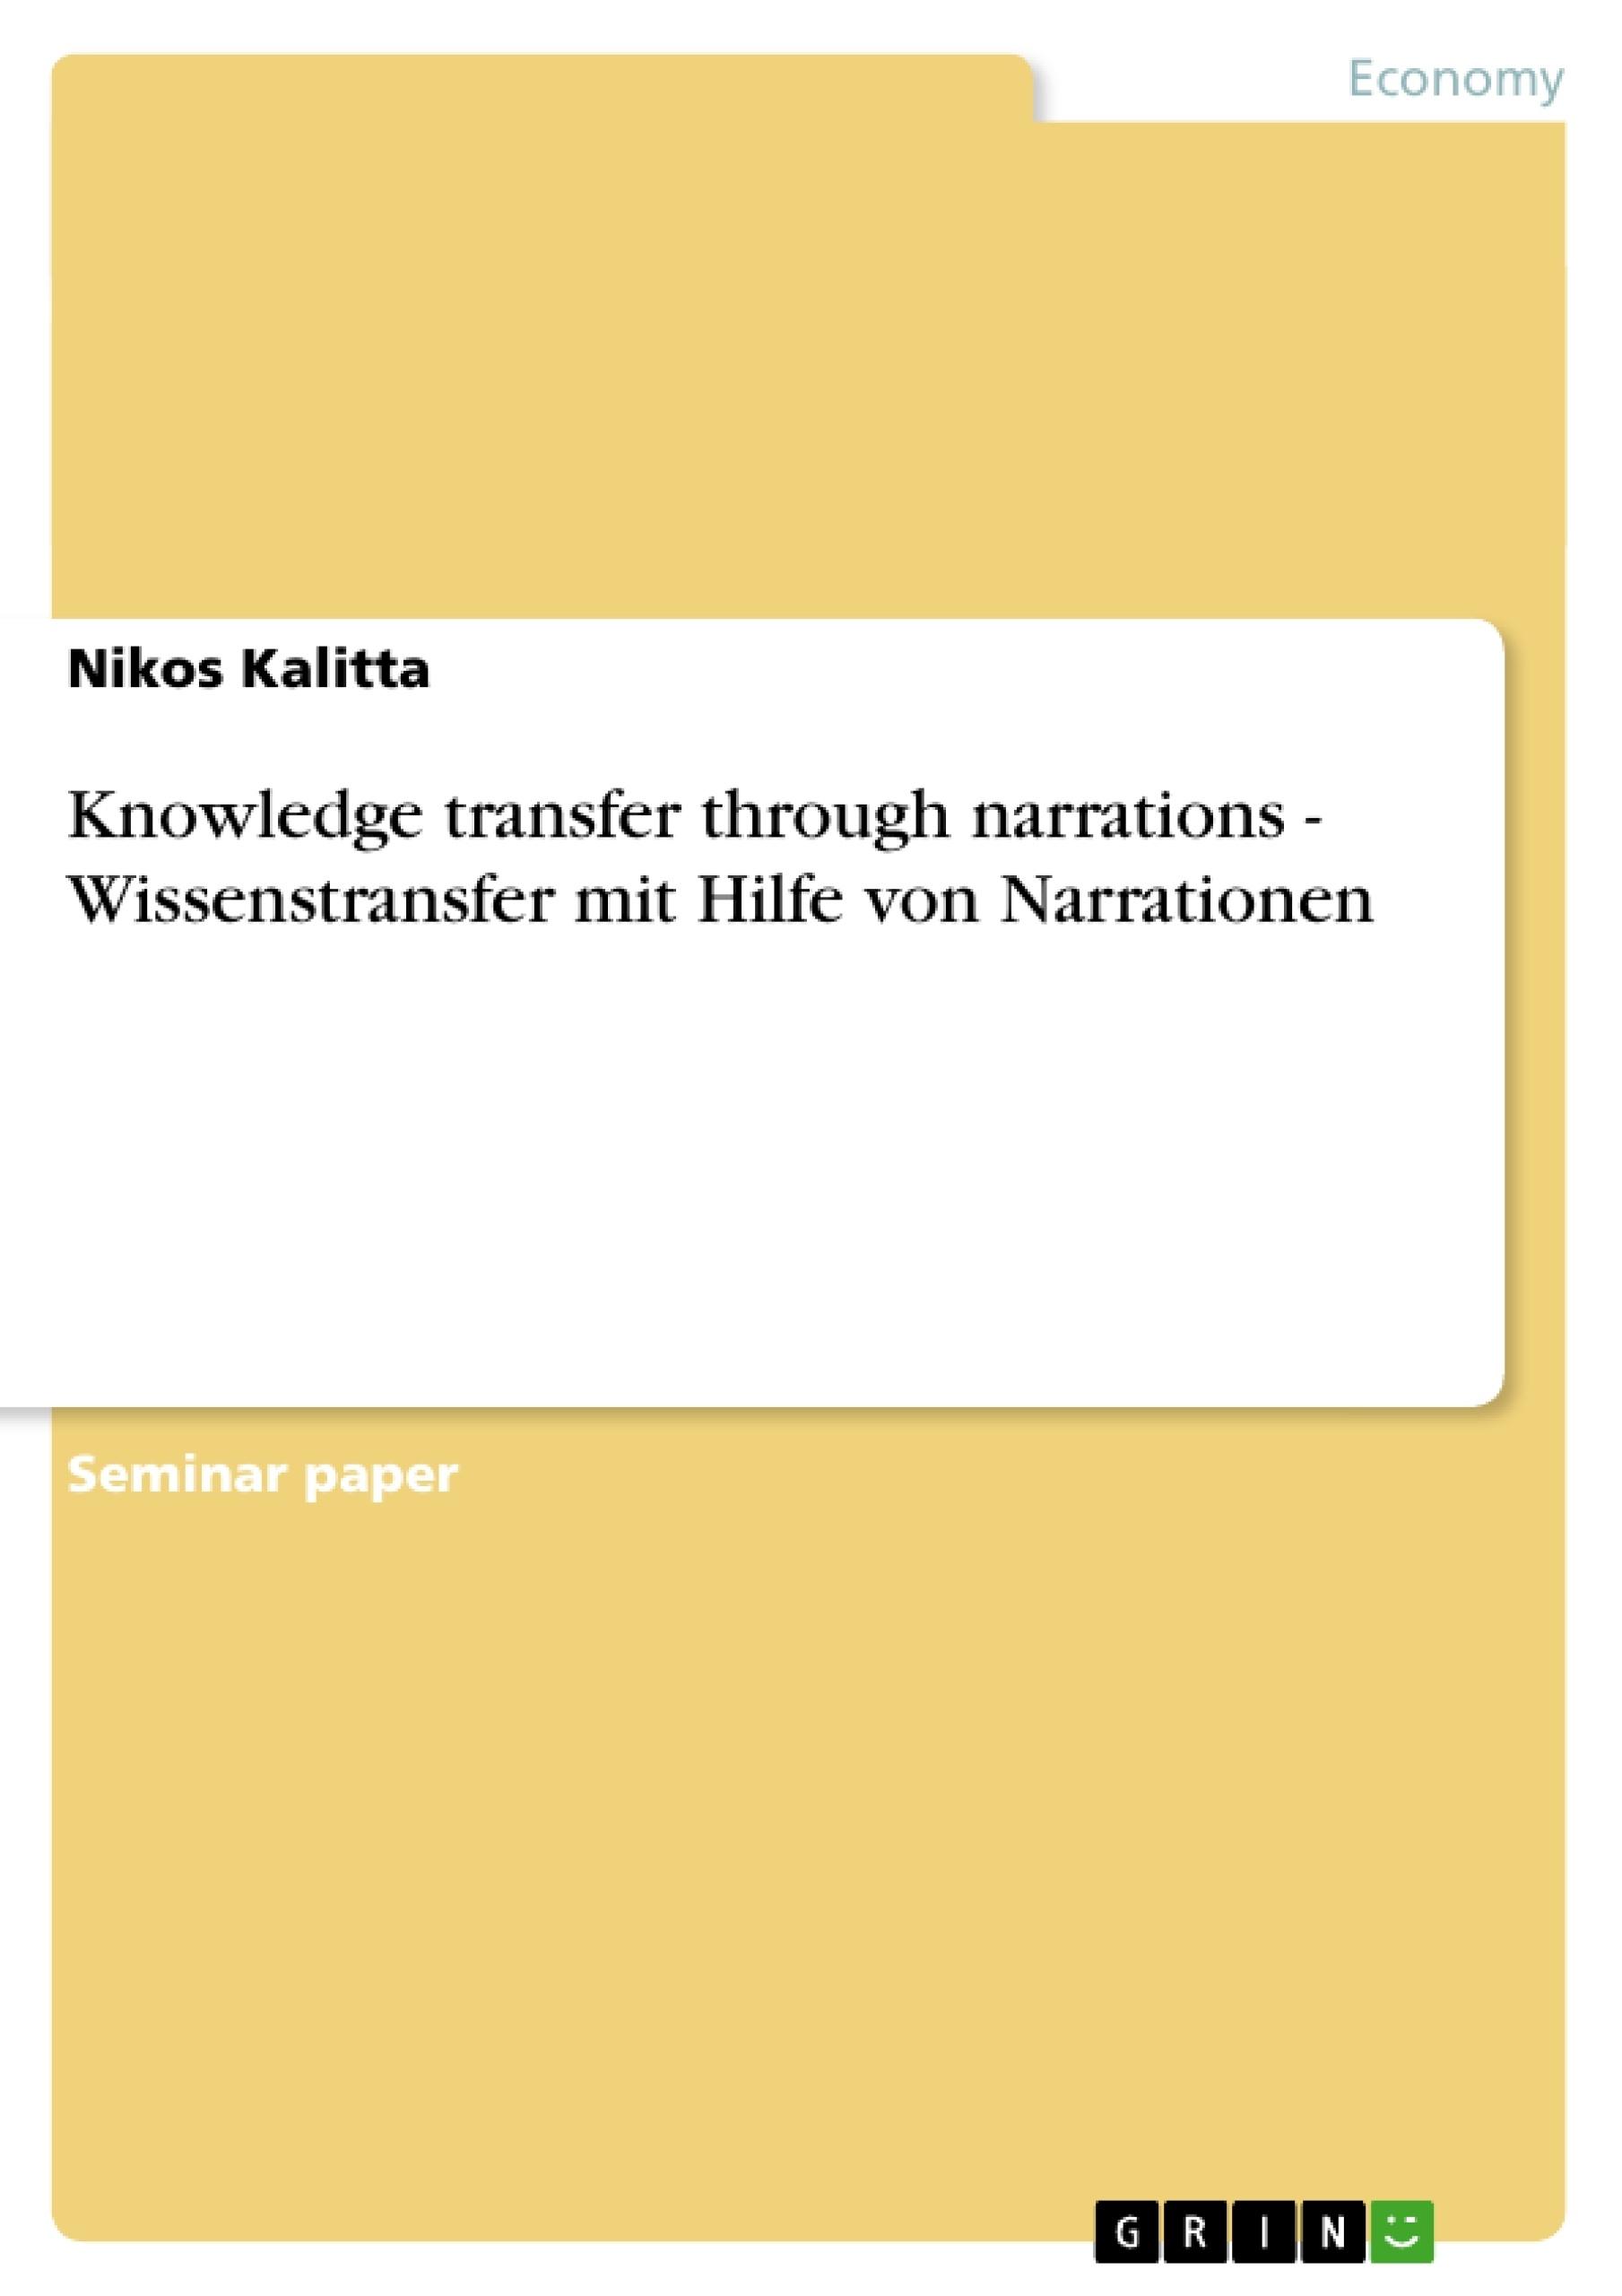 Title: Knowledge transfer through narrations - Wissenstransfer mit Hilfe von Narrationen